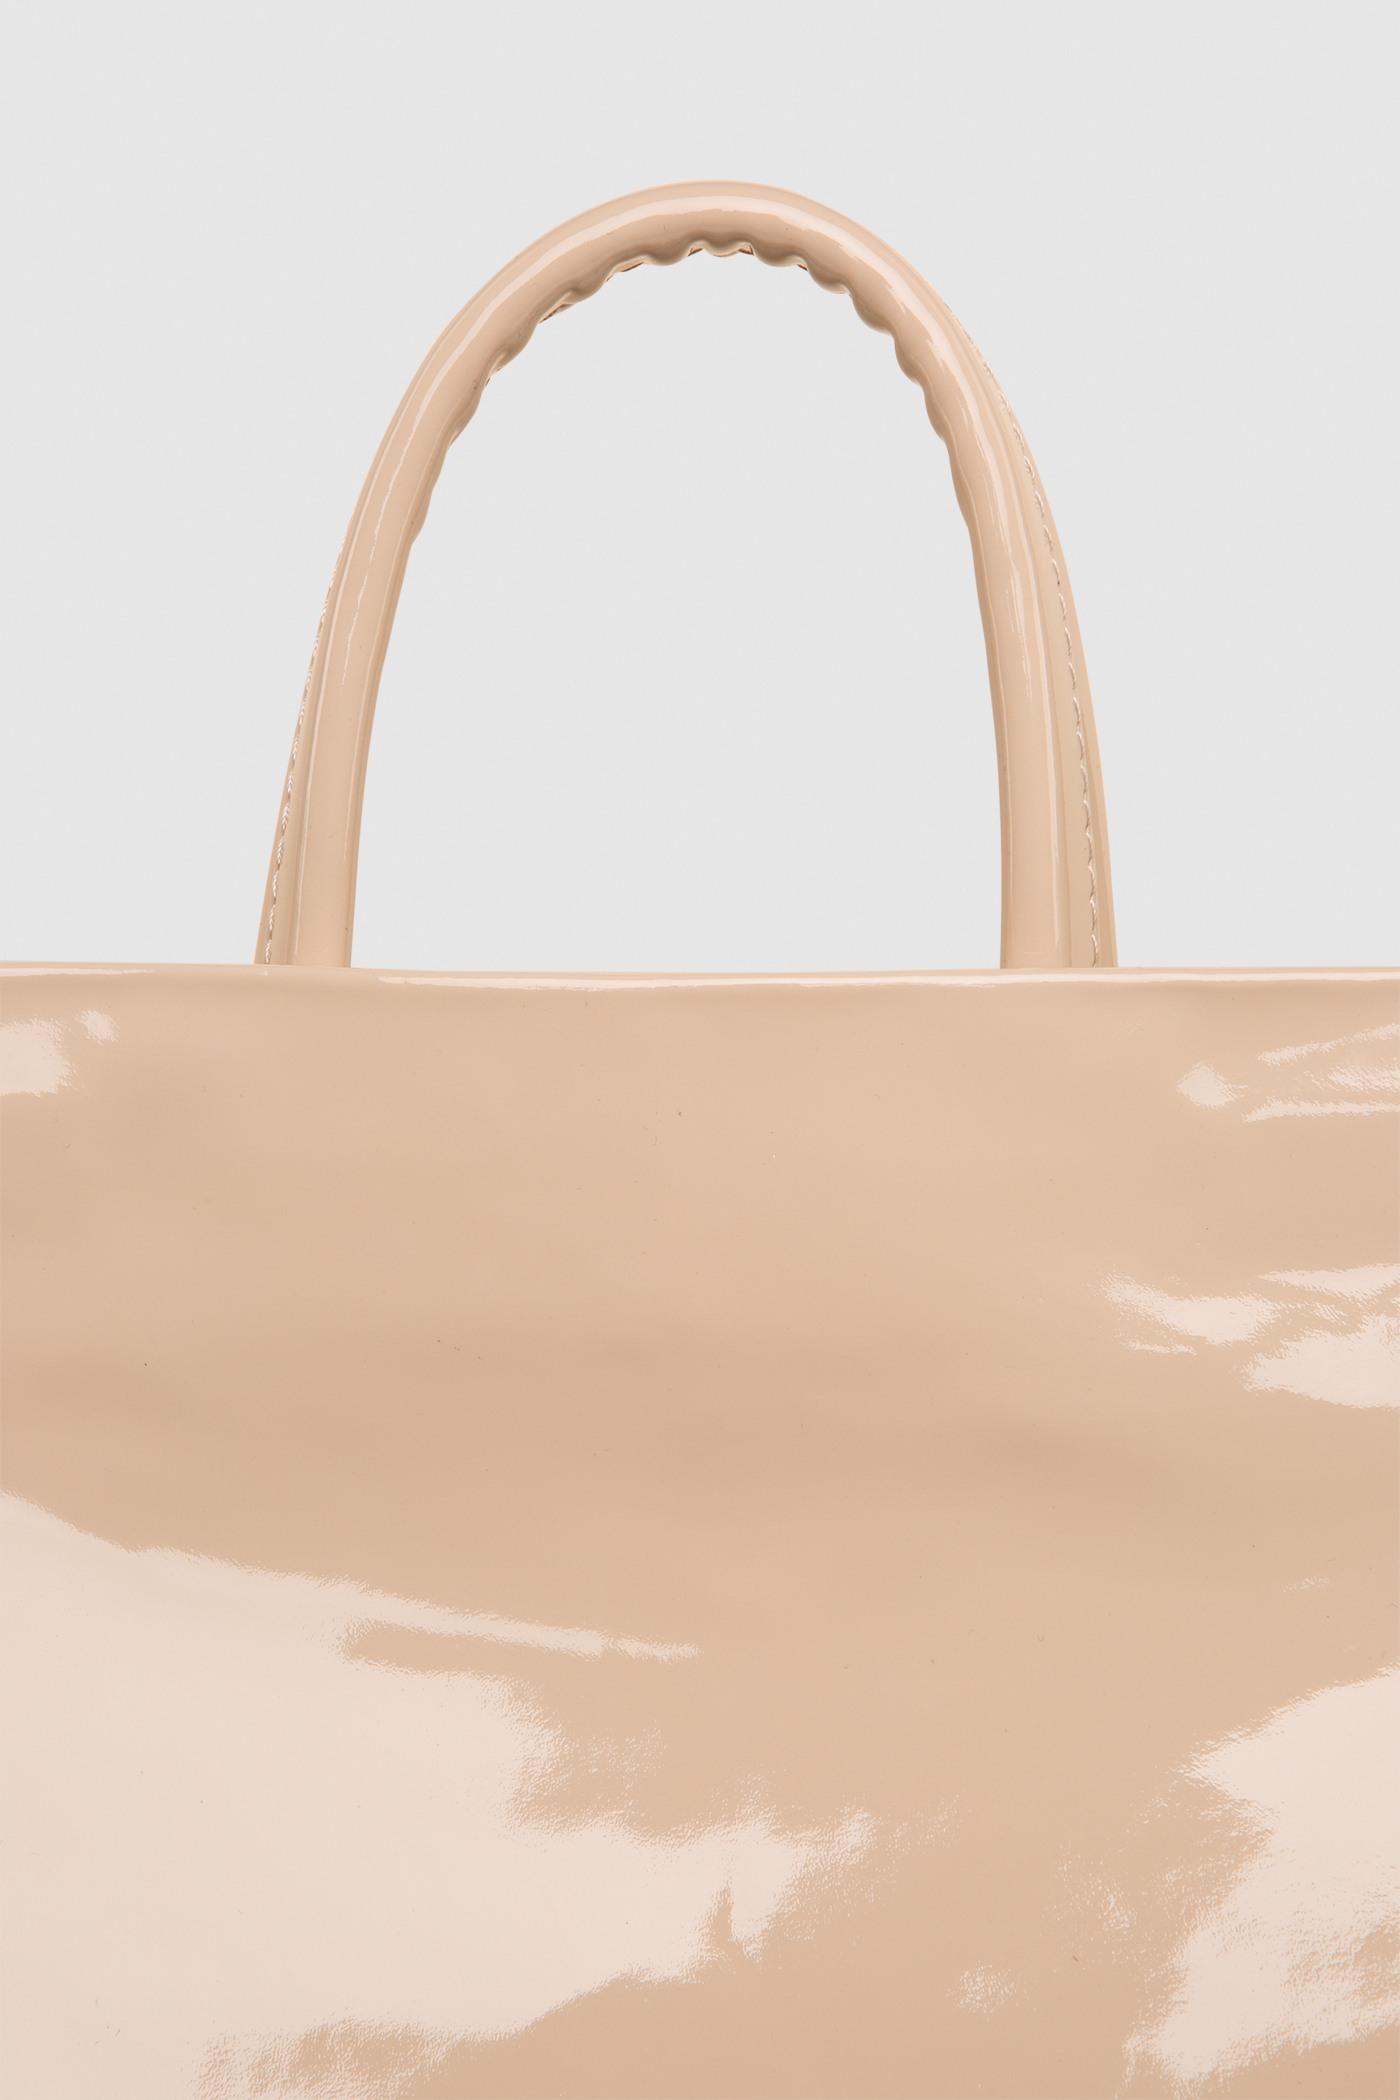 Рюкзак в трех размерах S, M, LПрямоугольныый городской рюкзак из плотной лакированной кожи. Закрывается на черную молнию сверху. Внутреннее отделение с тканевой подкладкой. Карман на молнии с тыльной стороны и небольшой карман на молнии внутри. Петля для подвешивания и регулируемые лямки из ремневой кожи - ширина 2,5 см. Прилагается чехол для хранения.&#13;<br>&#13;<br>&#13;<br>унисекс&#13;<br>&#13;<br>плоский рюкзак&#13;<br>&#13;<br>формирует объем за счет наполнения&#13;<br>&#13;<br>&#13;<br>Размеры рюкзака:&#13;<br>в размере S: высота 32х39 см&#13;<br>в размере M: высота 32х48 см&#13;<br>в размере L: высота 43х58 см&#13;<br>&#13;<br>Вес изделия:&#13;<br>650 грамм (рюкзак S)&#13;<br>800 грамм (рюкзак М)&#13;<br>970 грамм (рюкзак L)<br><br>Цвет: Бежевый глянец<br>Размер: S, M, L